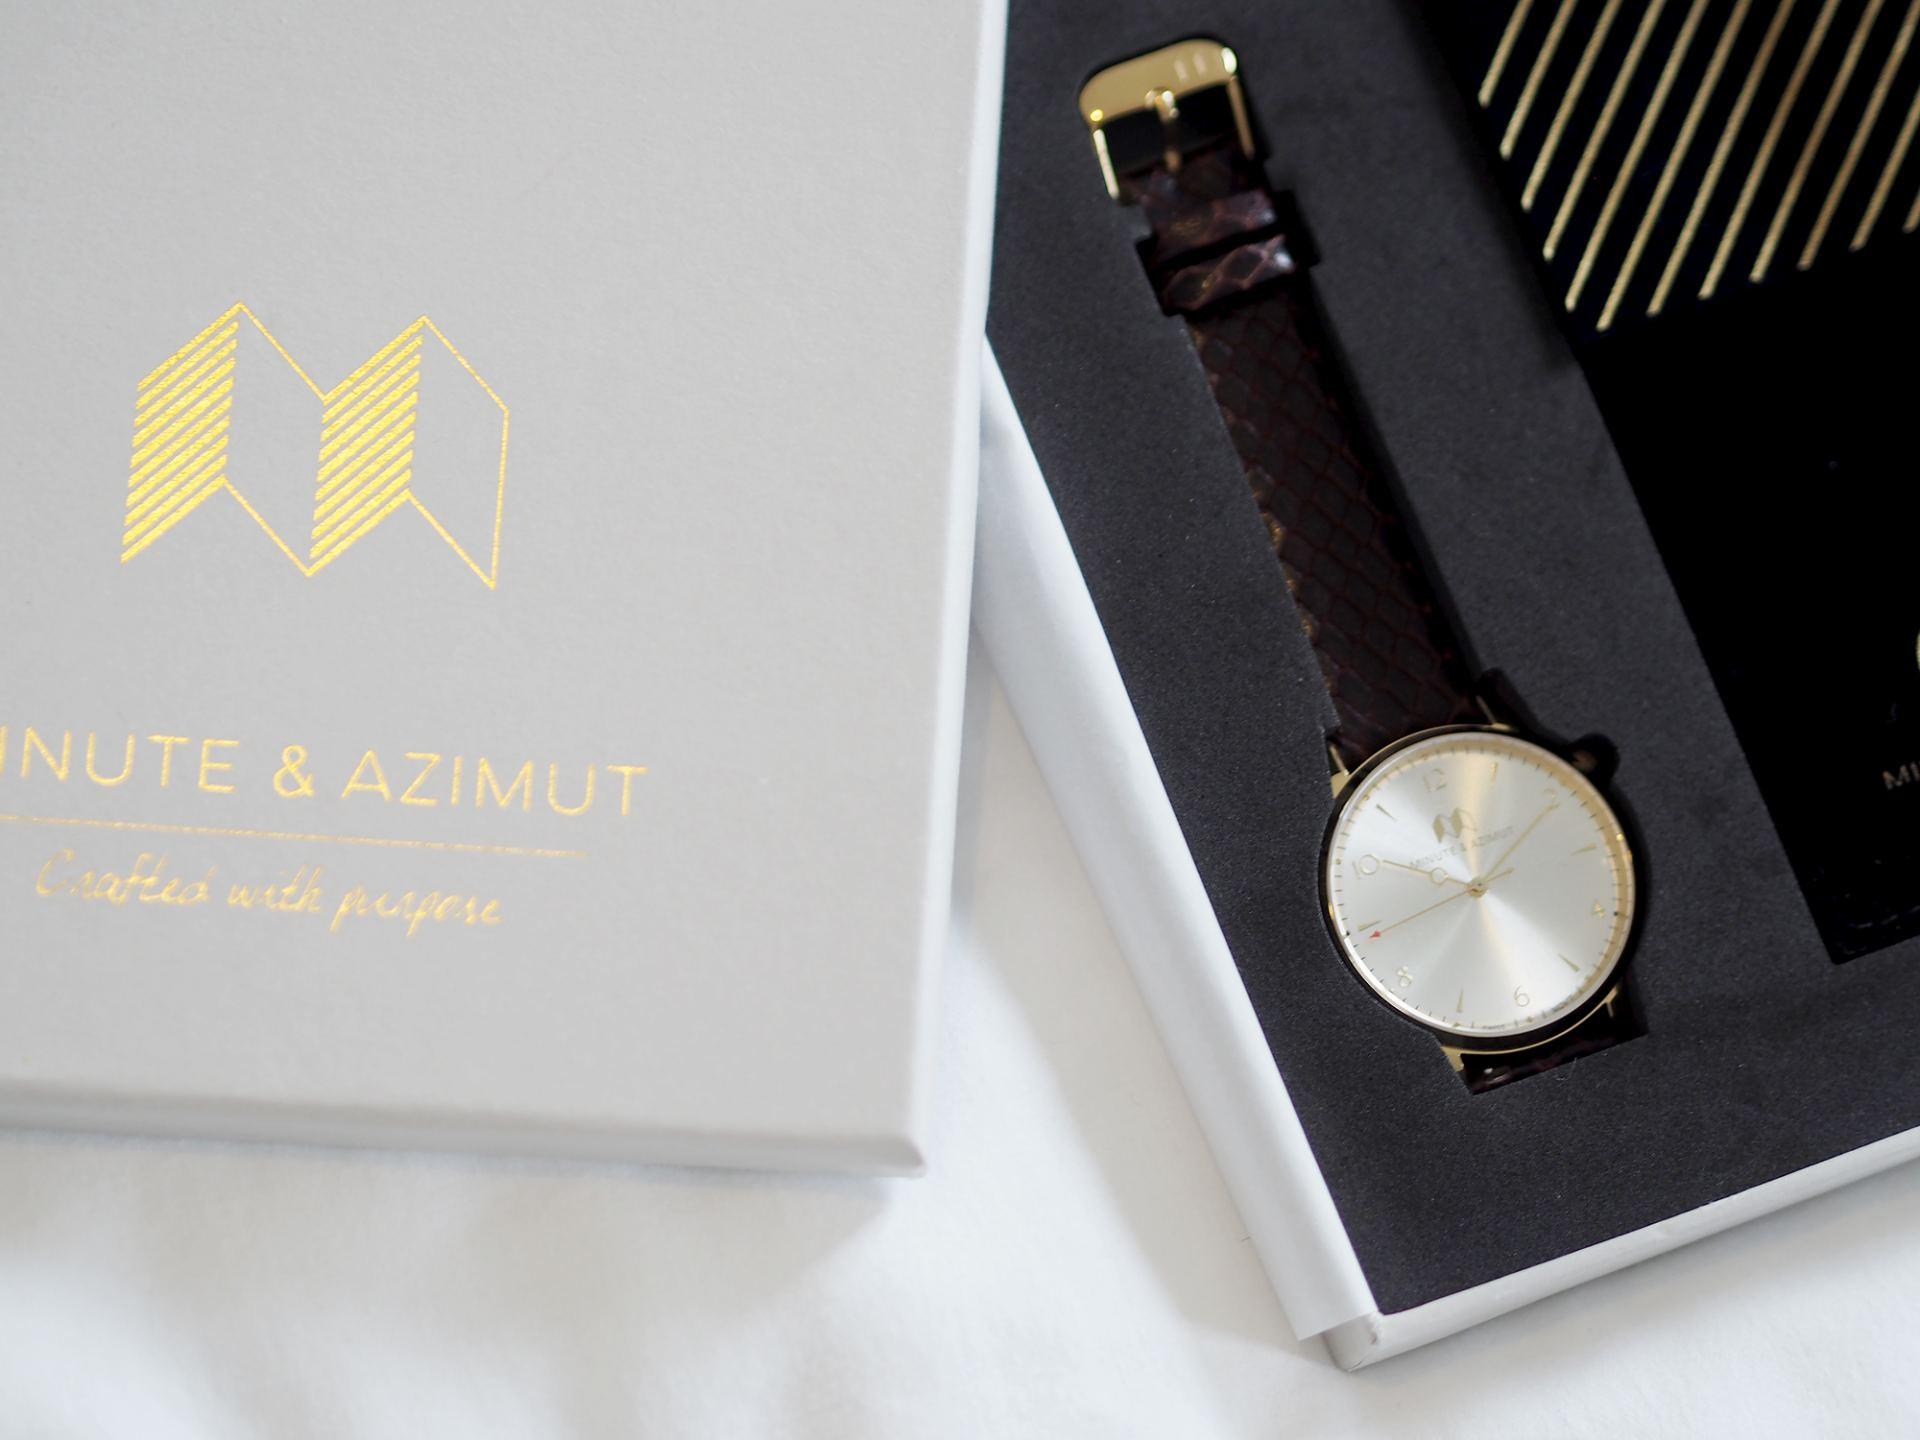 MINUTE & AZUMIT WATCH